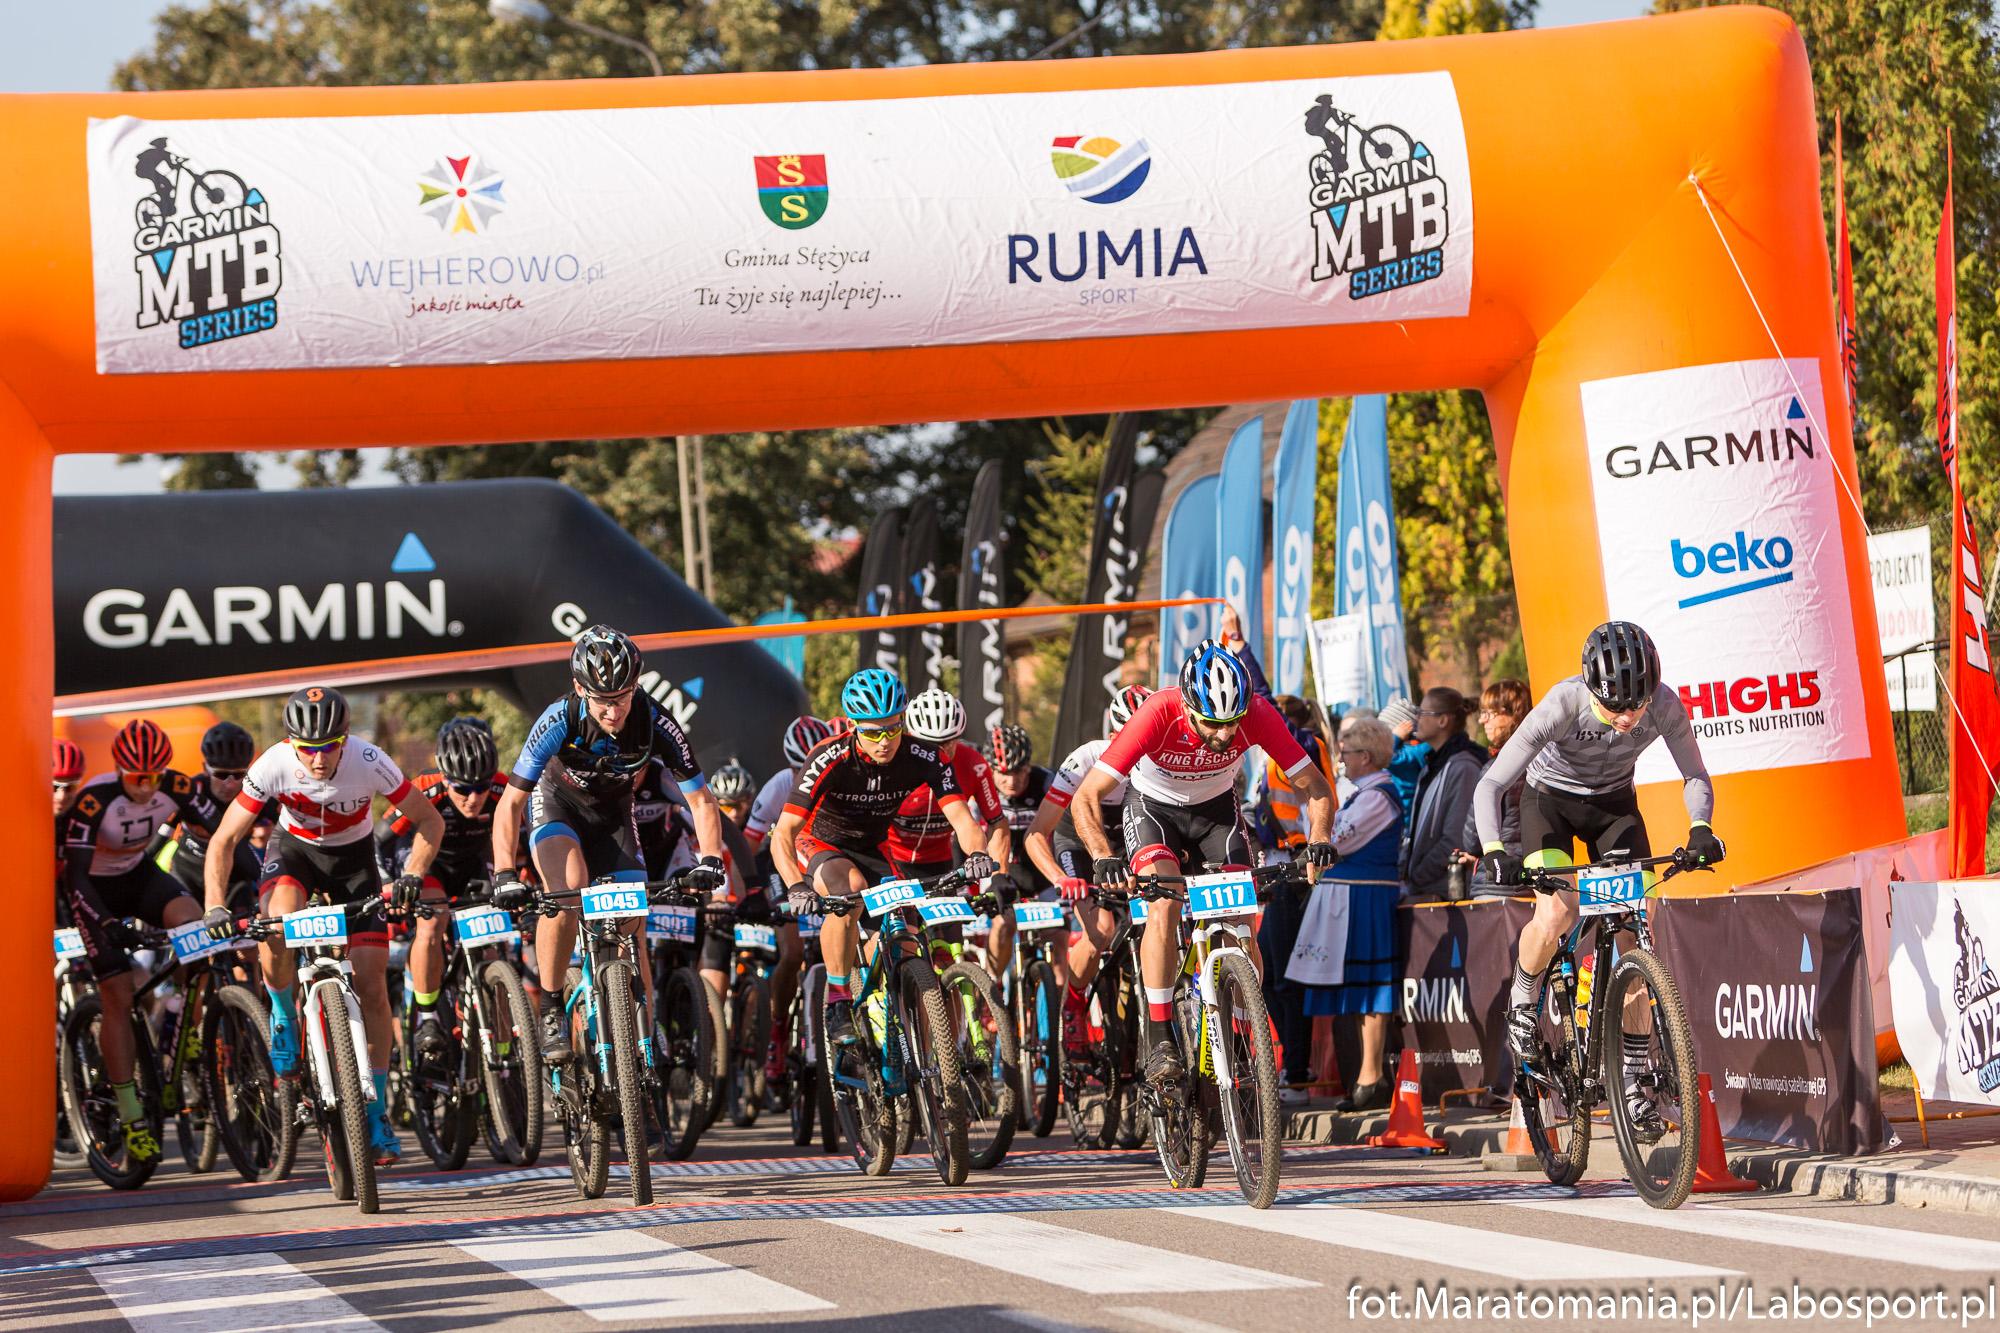 Finał Garmin MTB Series 2017 już w najbliższą niedzielę w Rumi